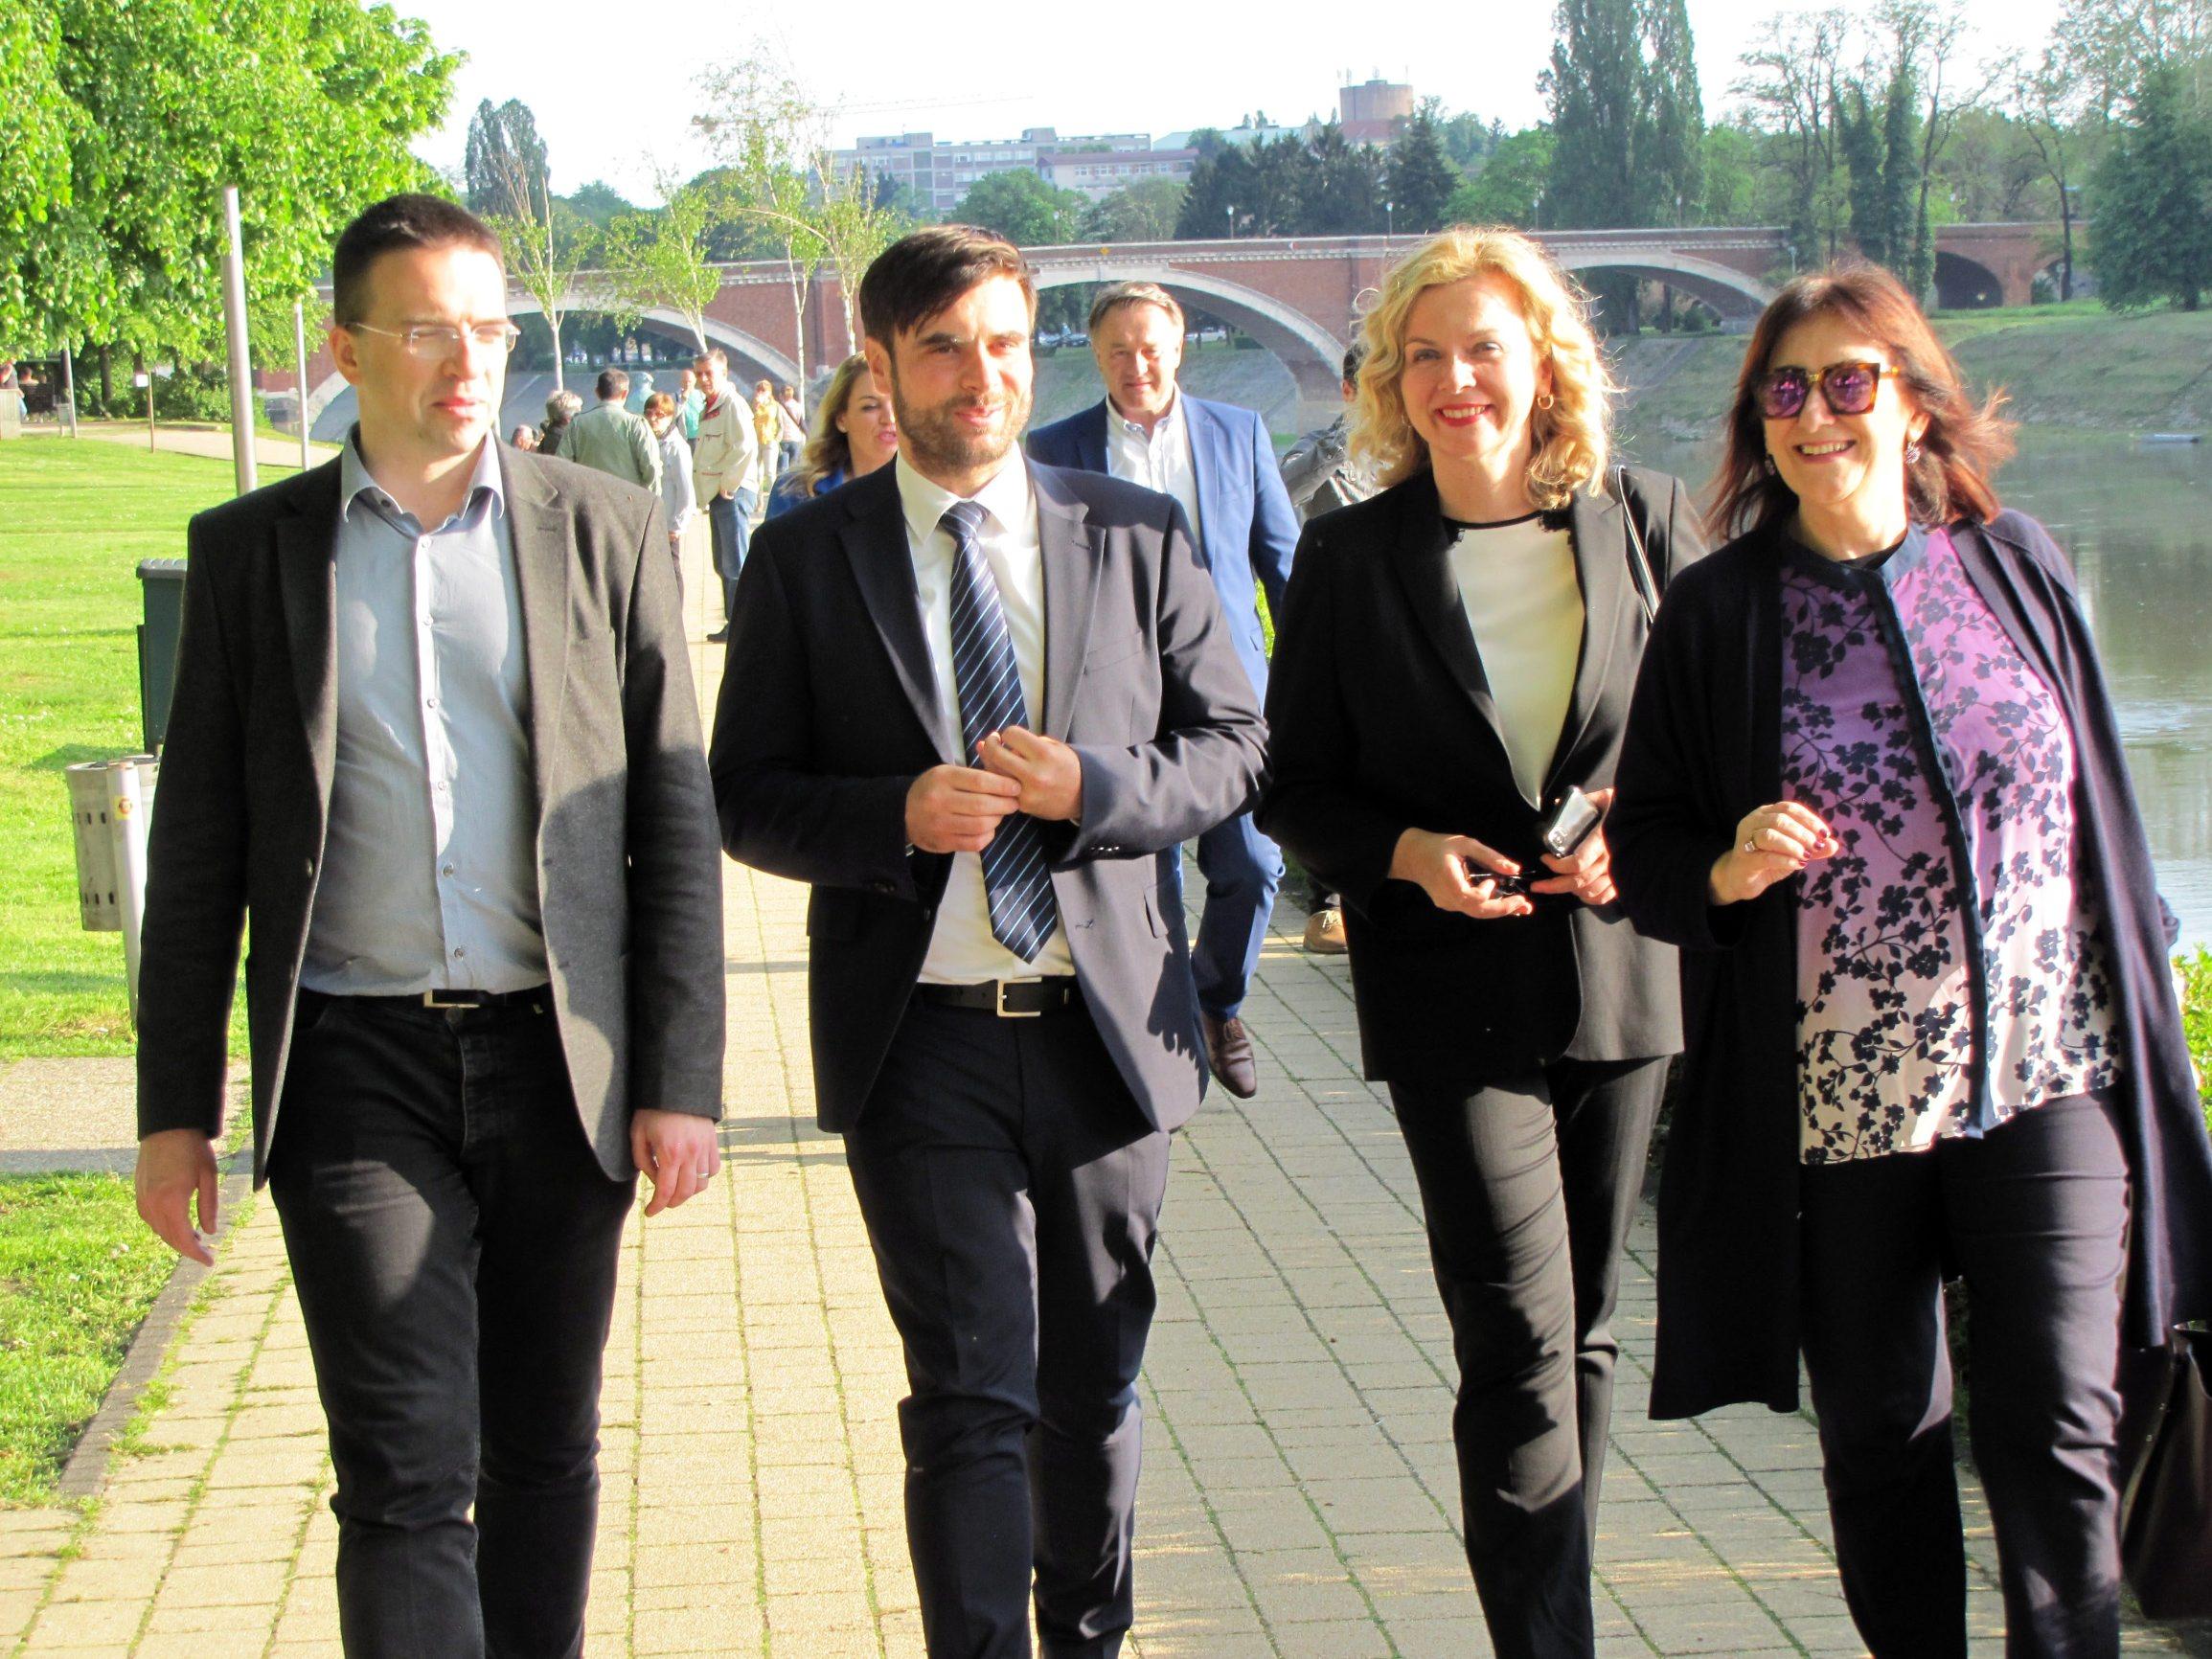 Kandidati HDZ-a za Europski parlament (s desna): Dubravka Šuica, Željana Zovko, Domagoj Maroević i Tomislav Sokol